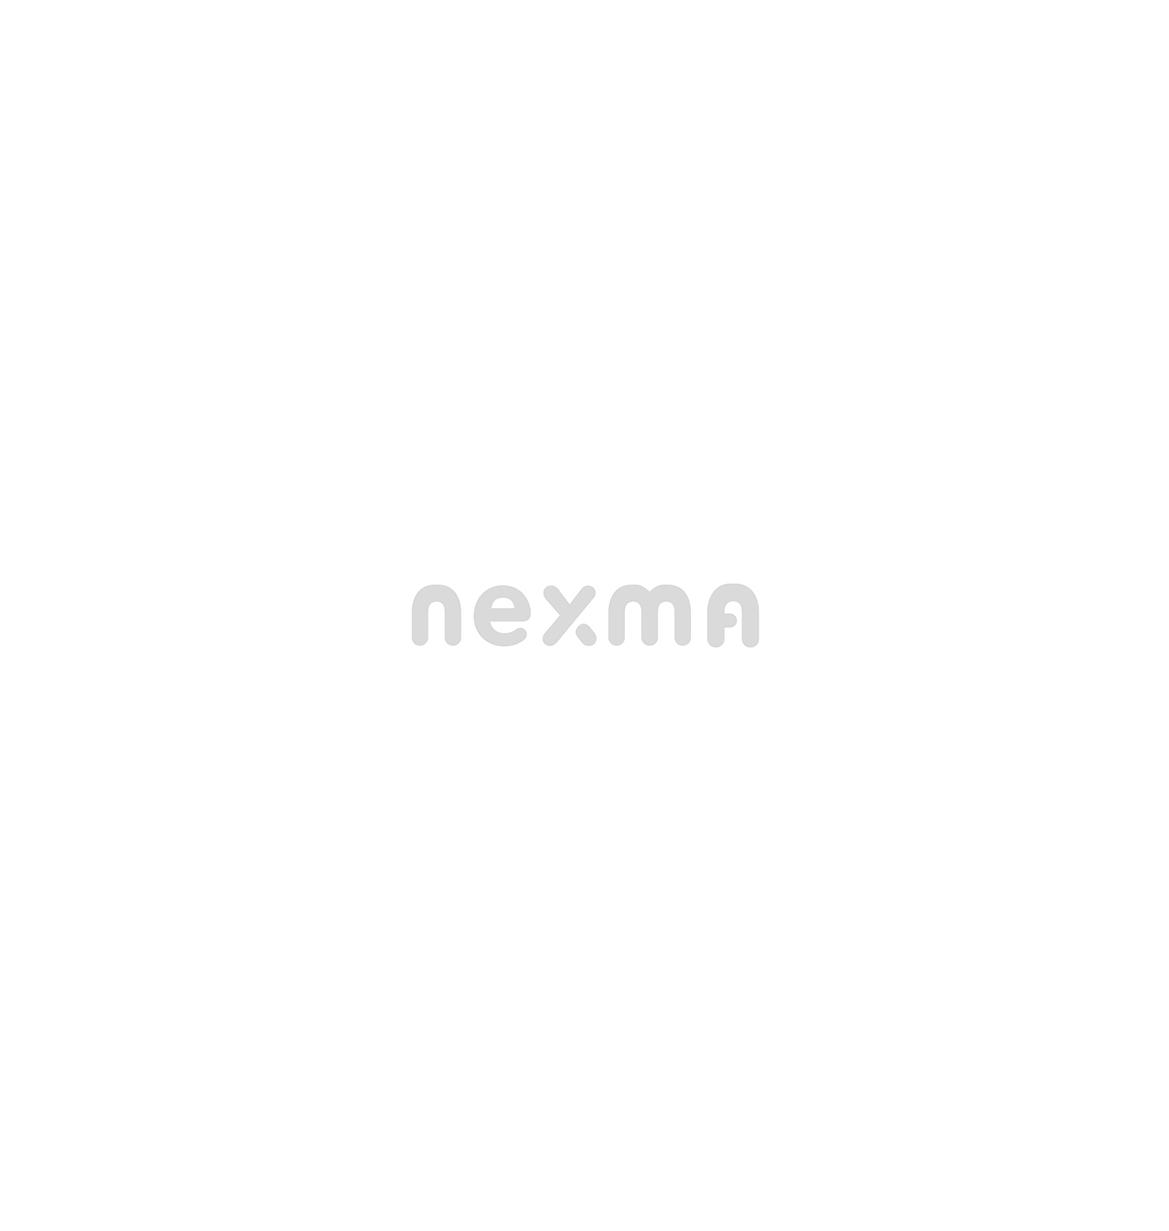 nexma-def.jpg